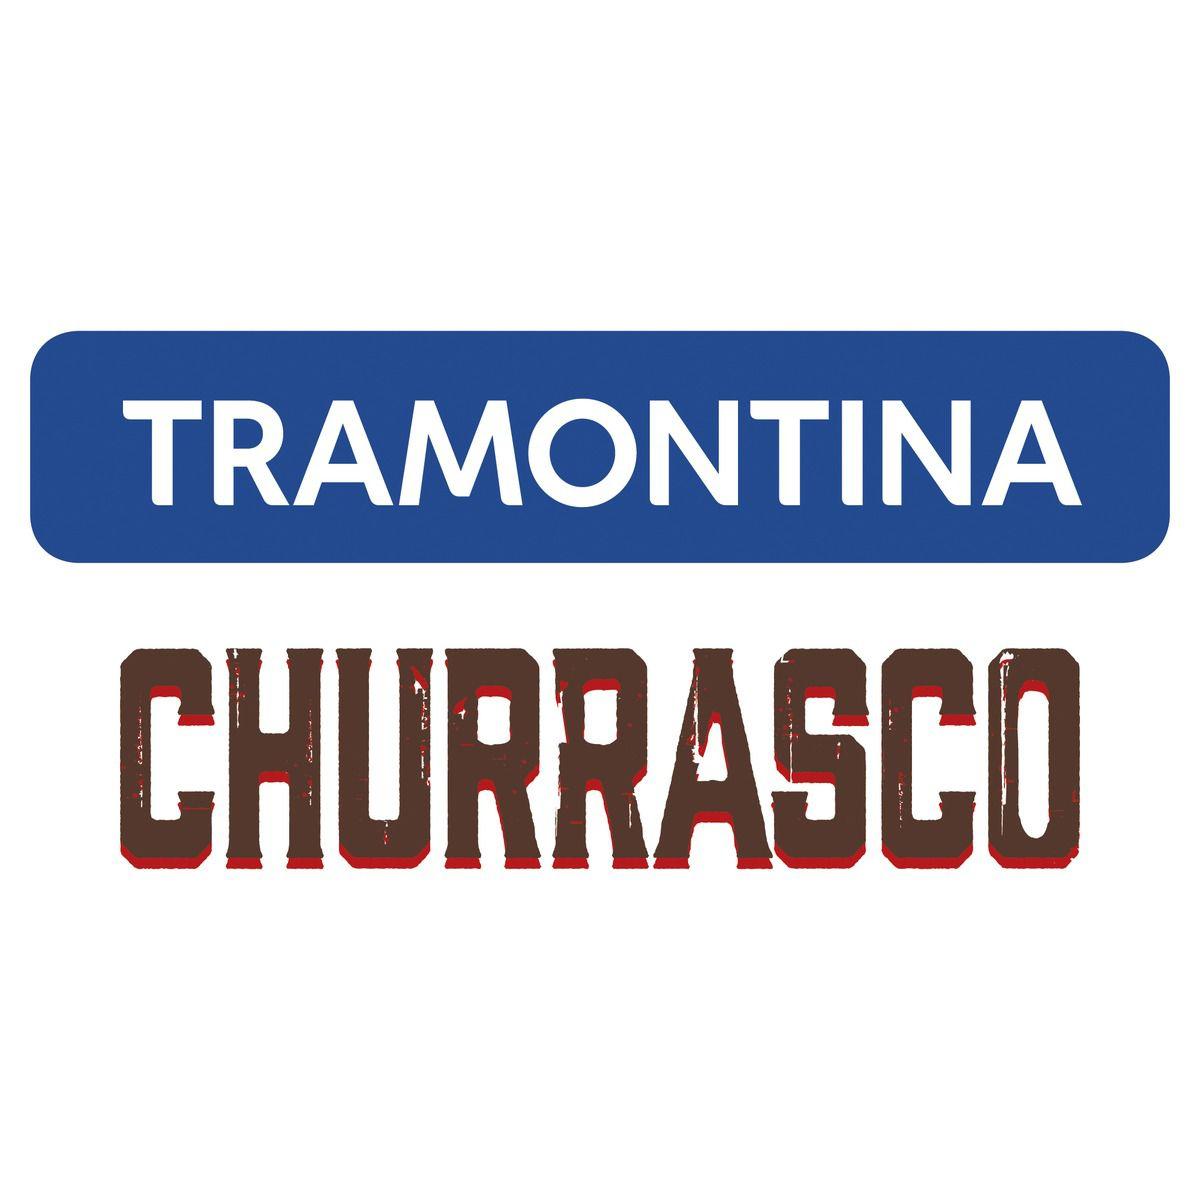 Kit para Churrasco Tramontina em Aço Inox e Madeira 6 Peças 26499/032   Lojas Estrela